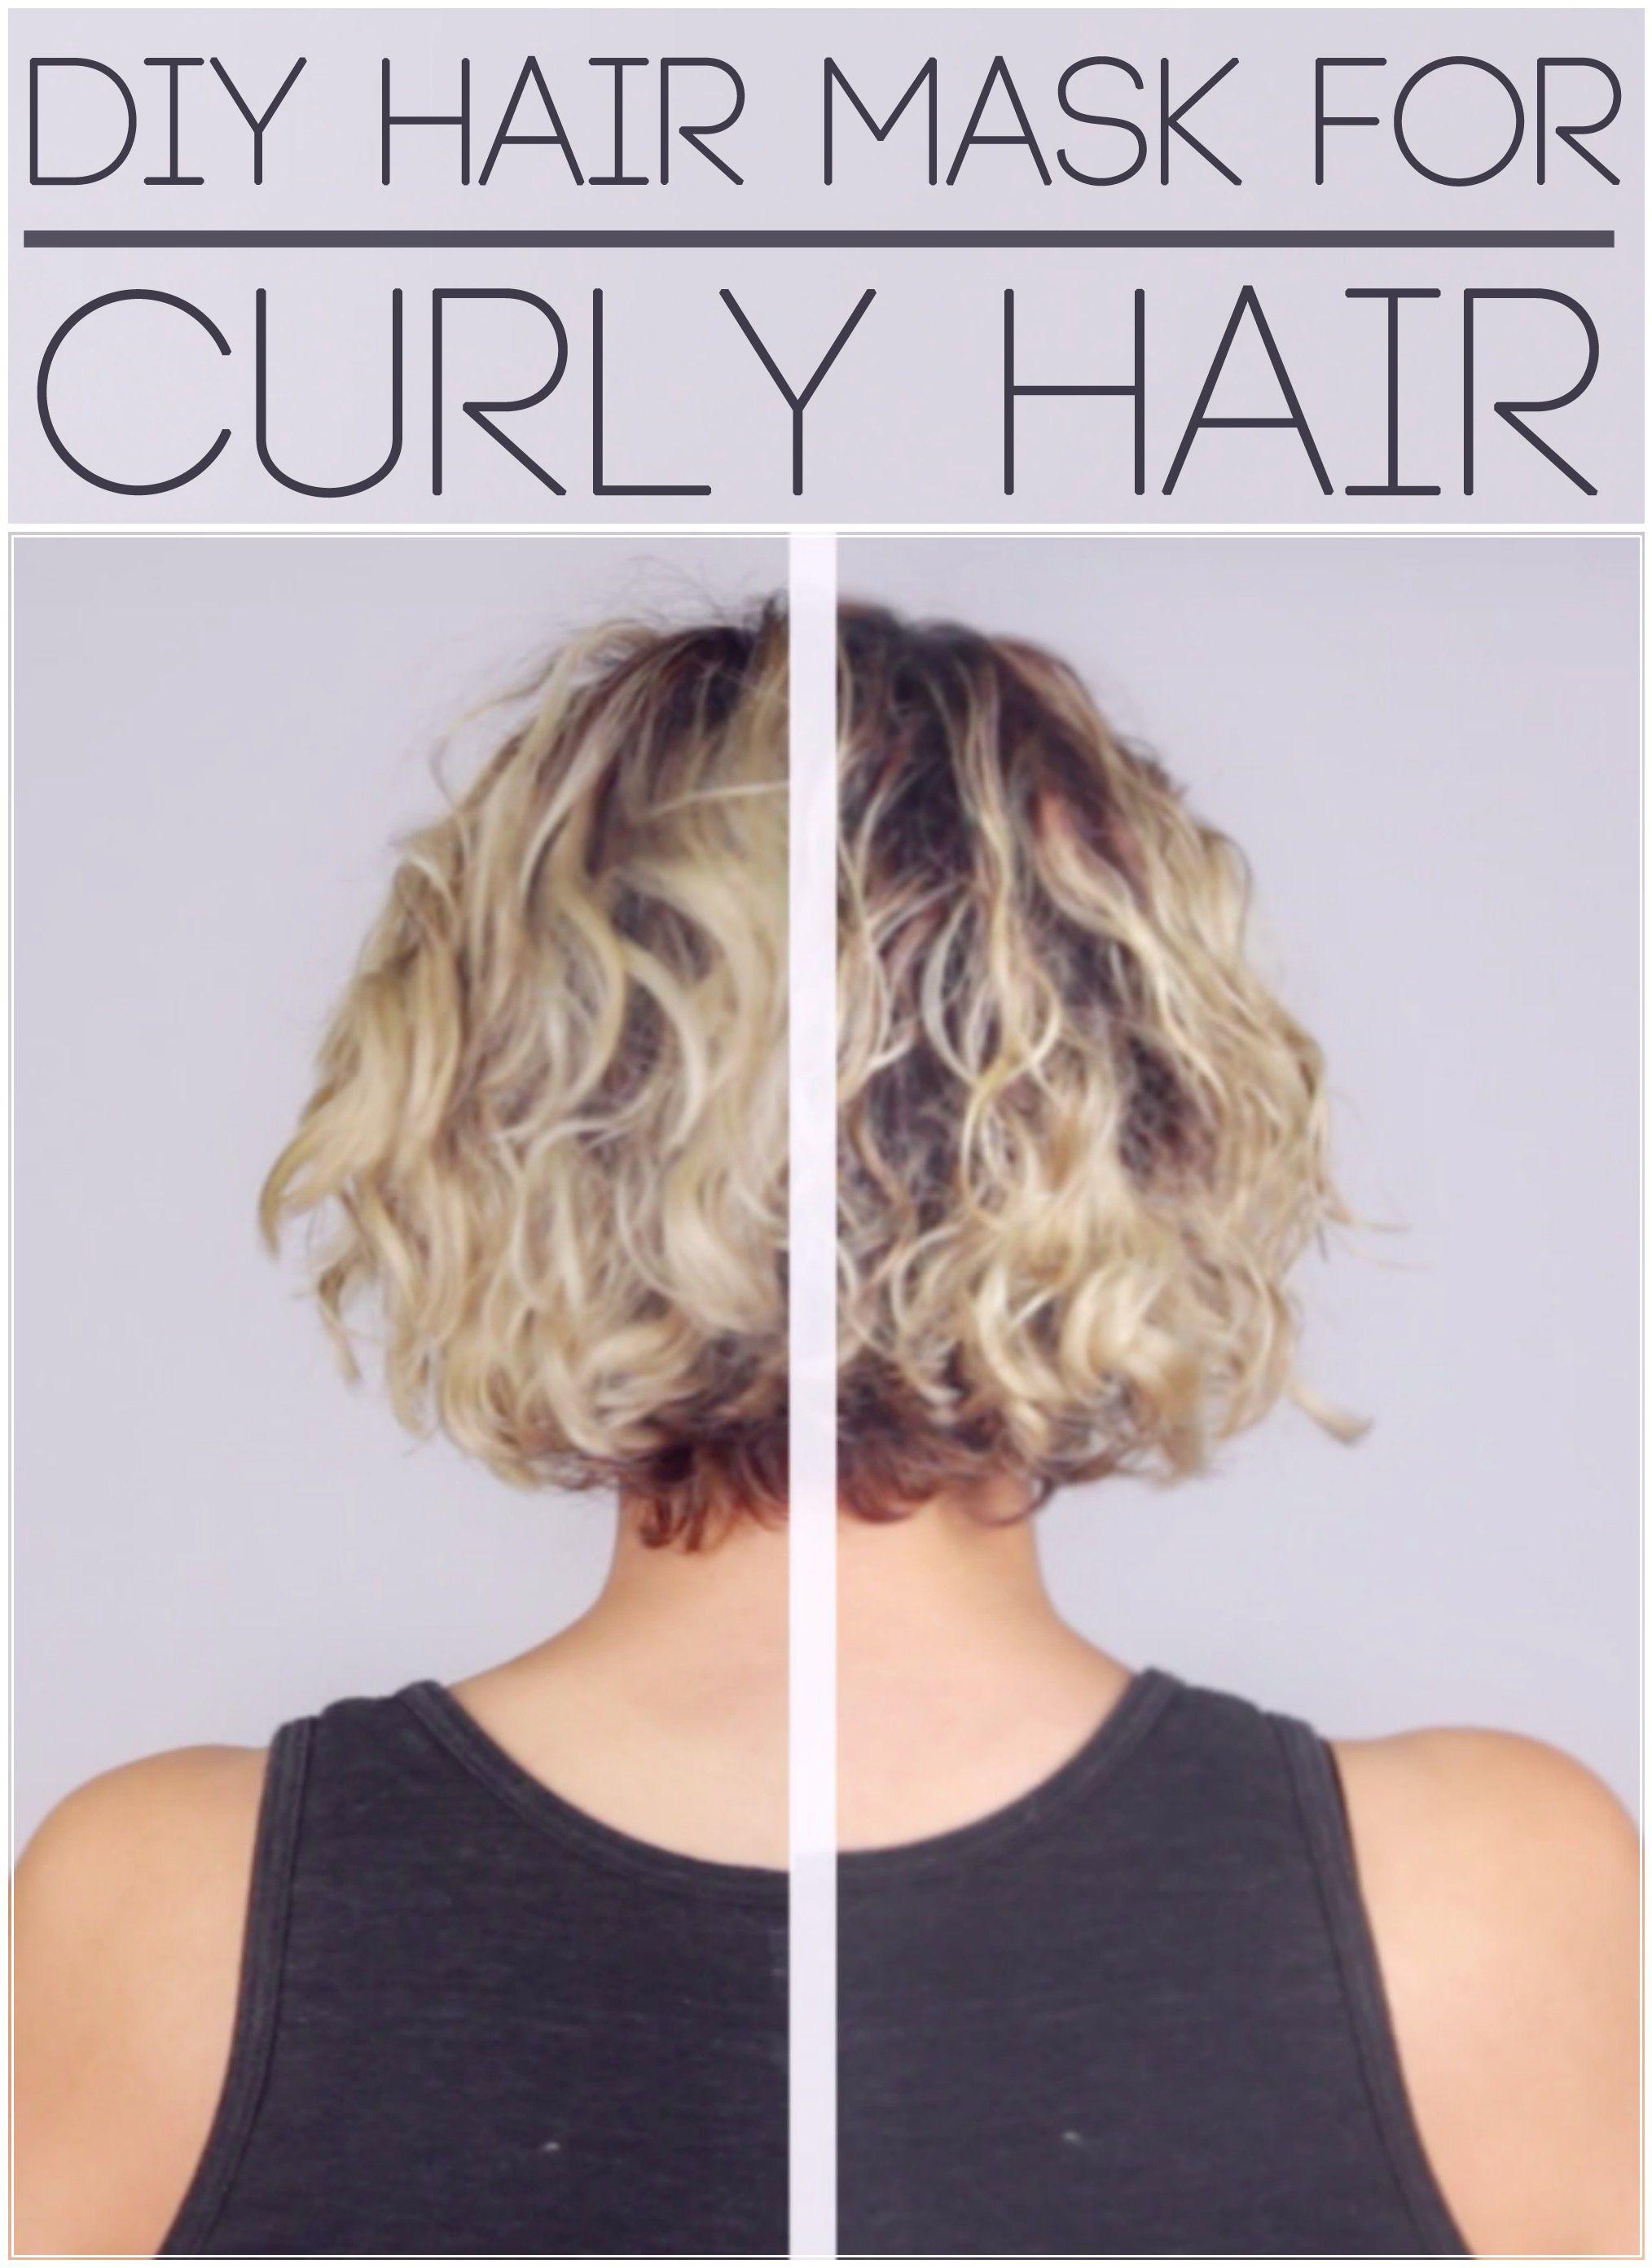 DIY Hair Mask for Curly Hair 1 Egg 2 tbsp. Mayo, 1 tbsp